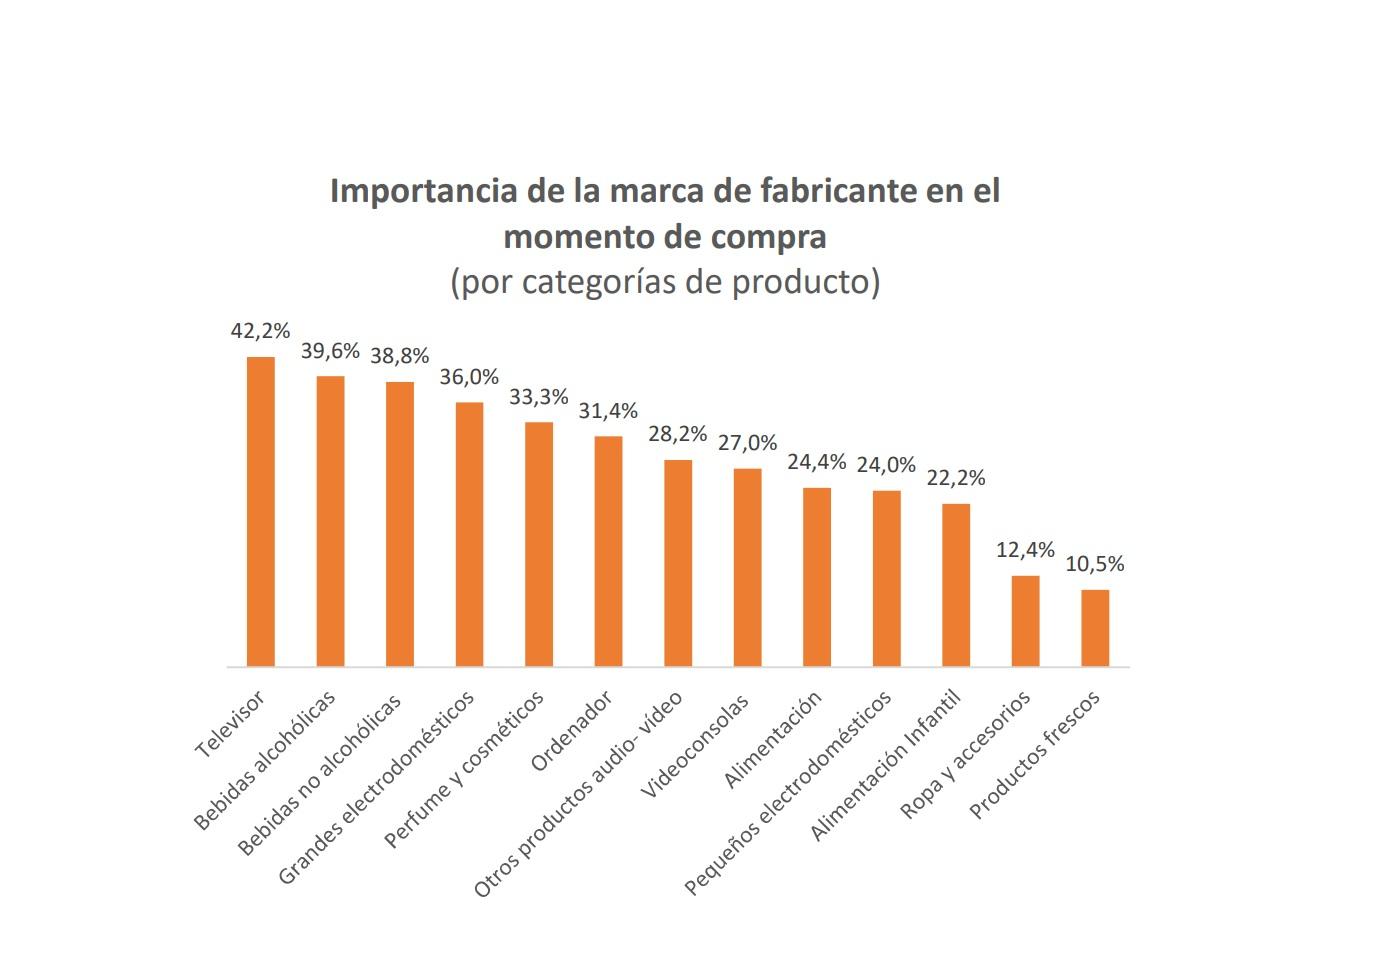 https://www.programapublicidad.com/wp-content/uploads/2020/07/AIMC-Marcas-analiza-relación-marcas-consumidores-importancia-marca-programapublicidad.jpg